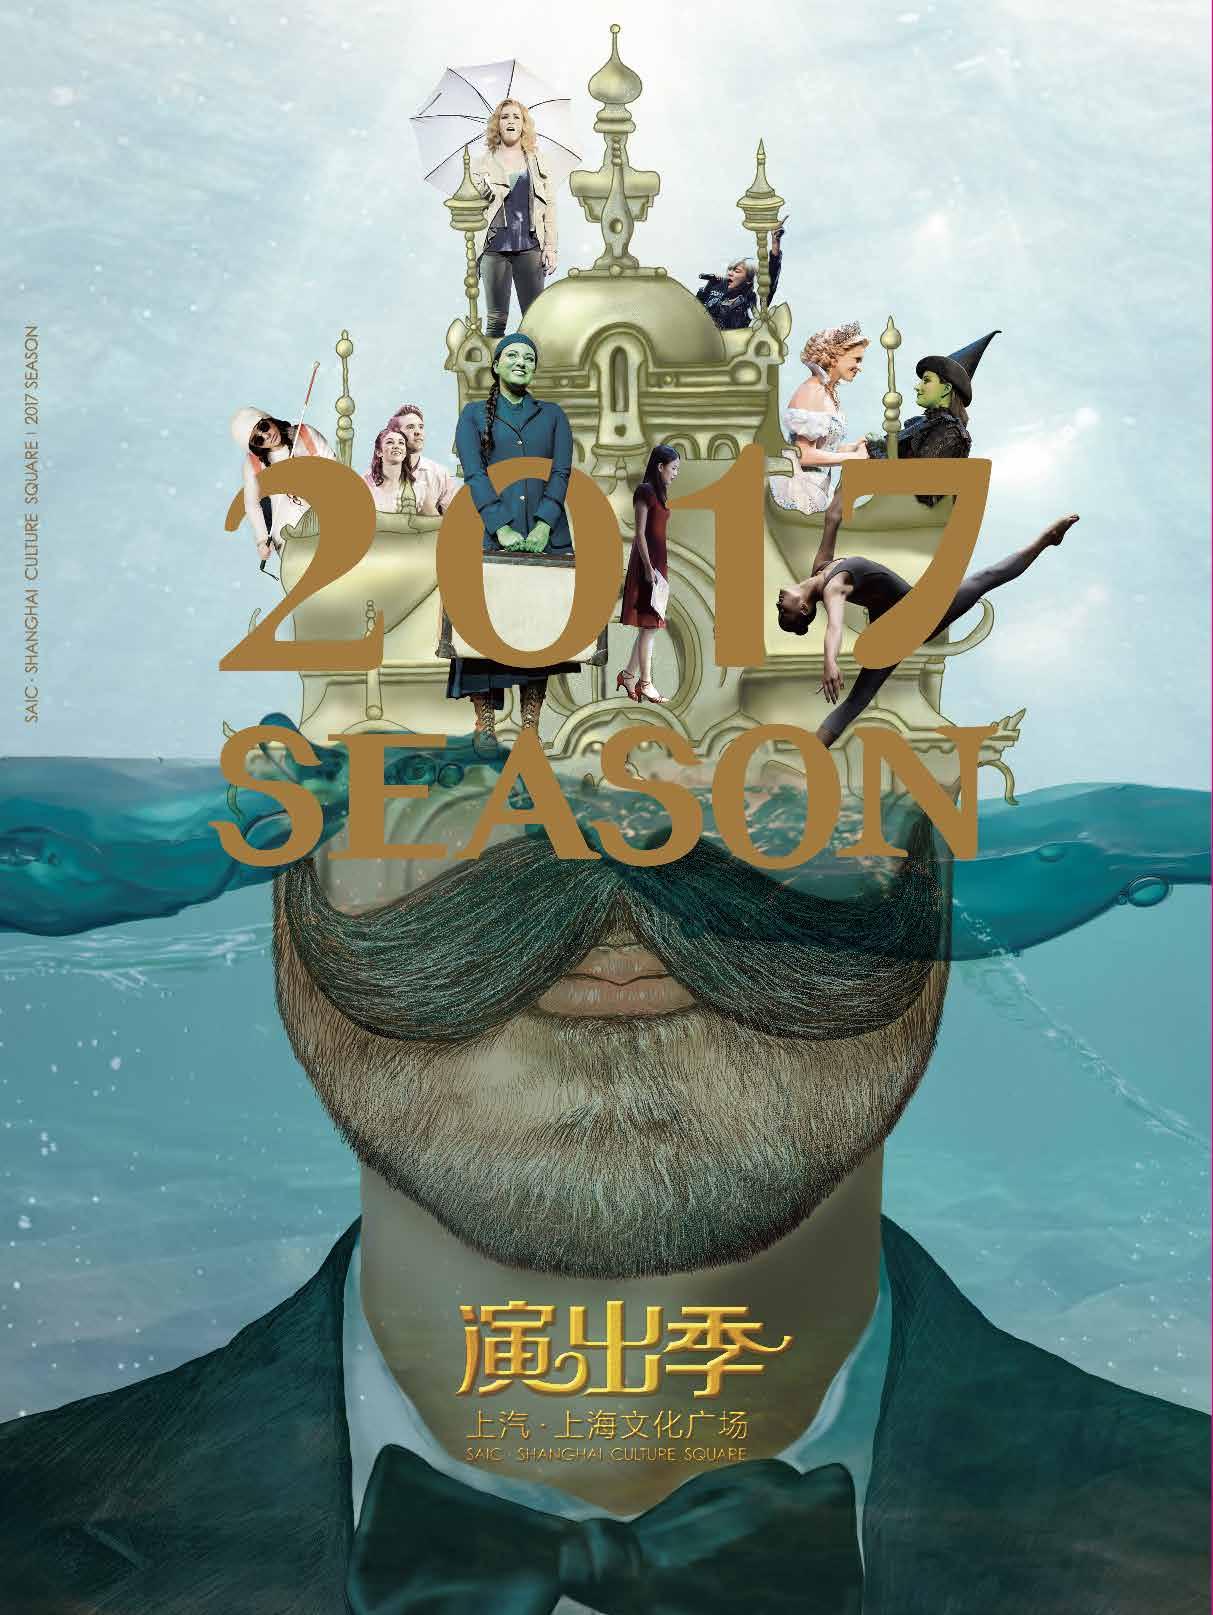 2017 演出季第二版_170308_Page_01